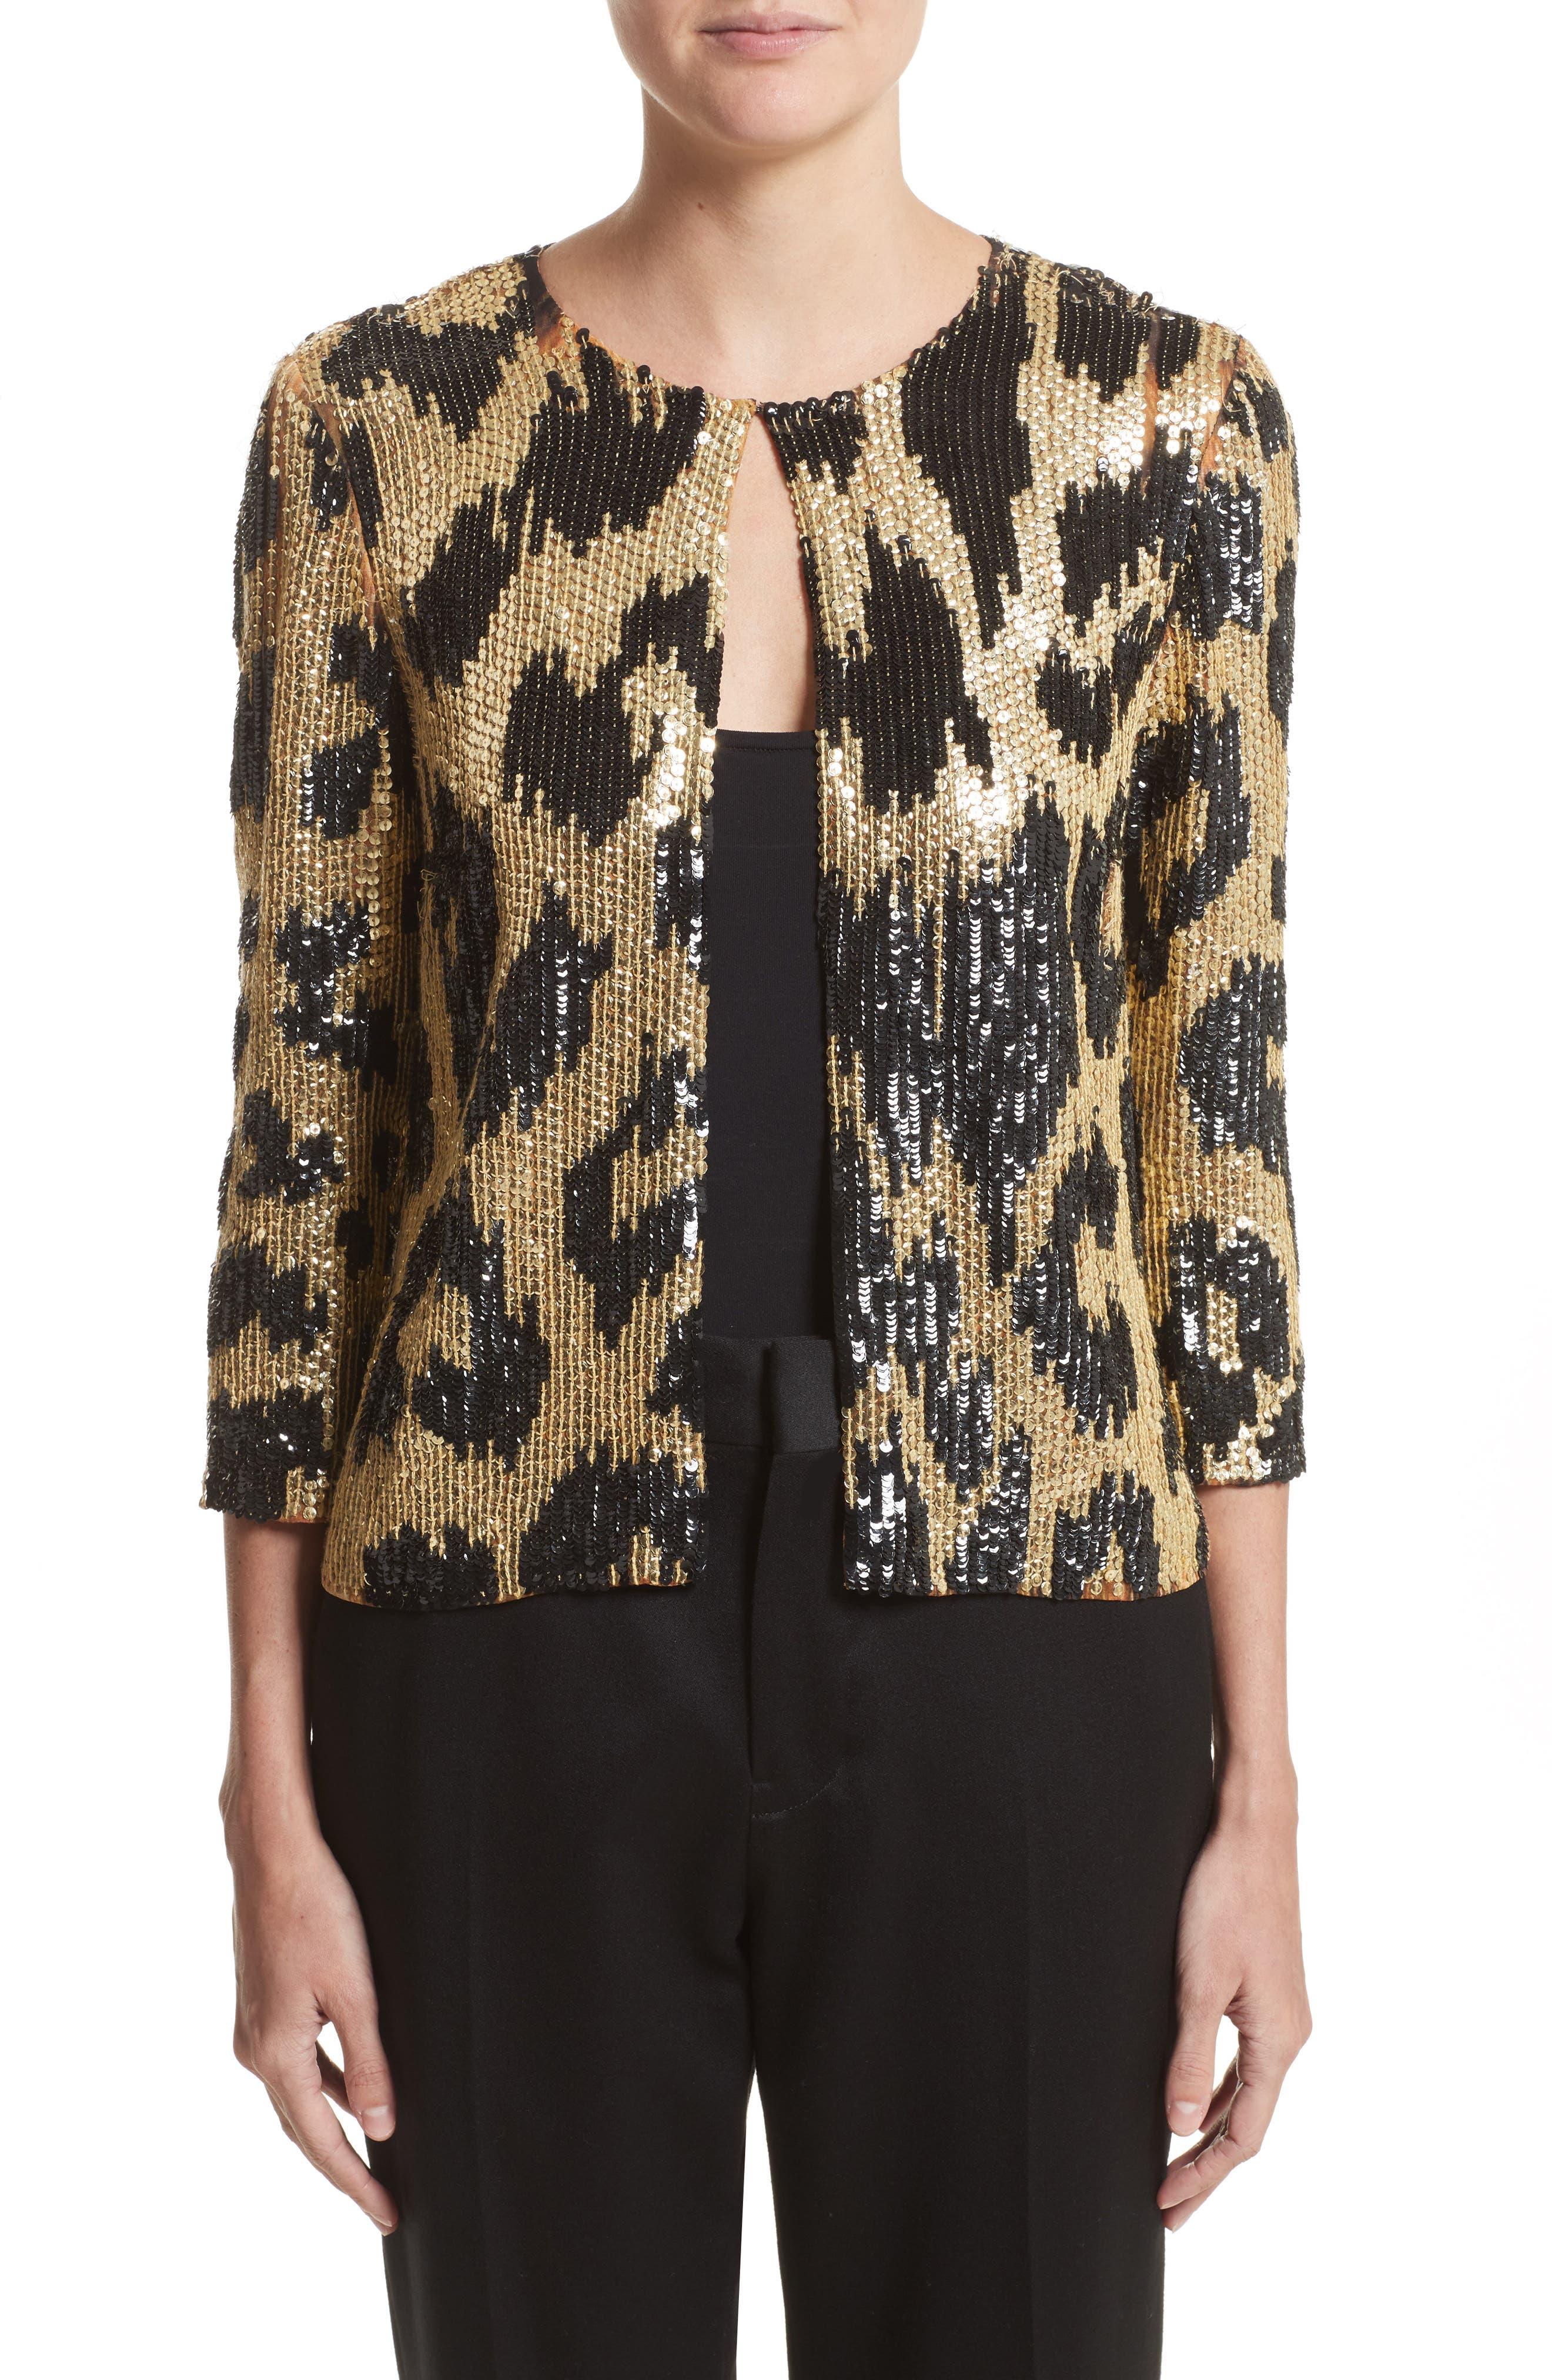 Cheetah Print Sequin Jacket,                             Main thumbnail 1, color,                             Black/ Gold